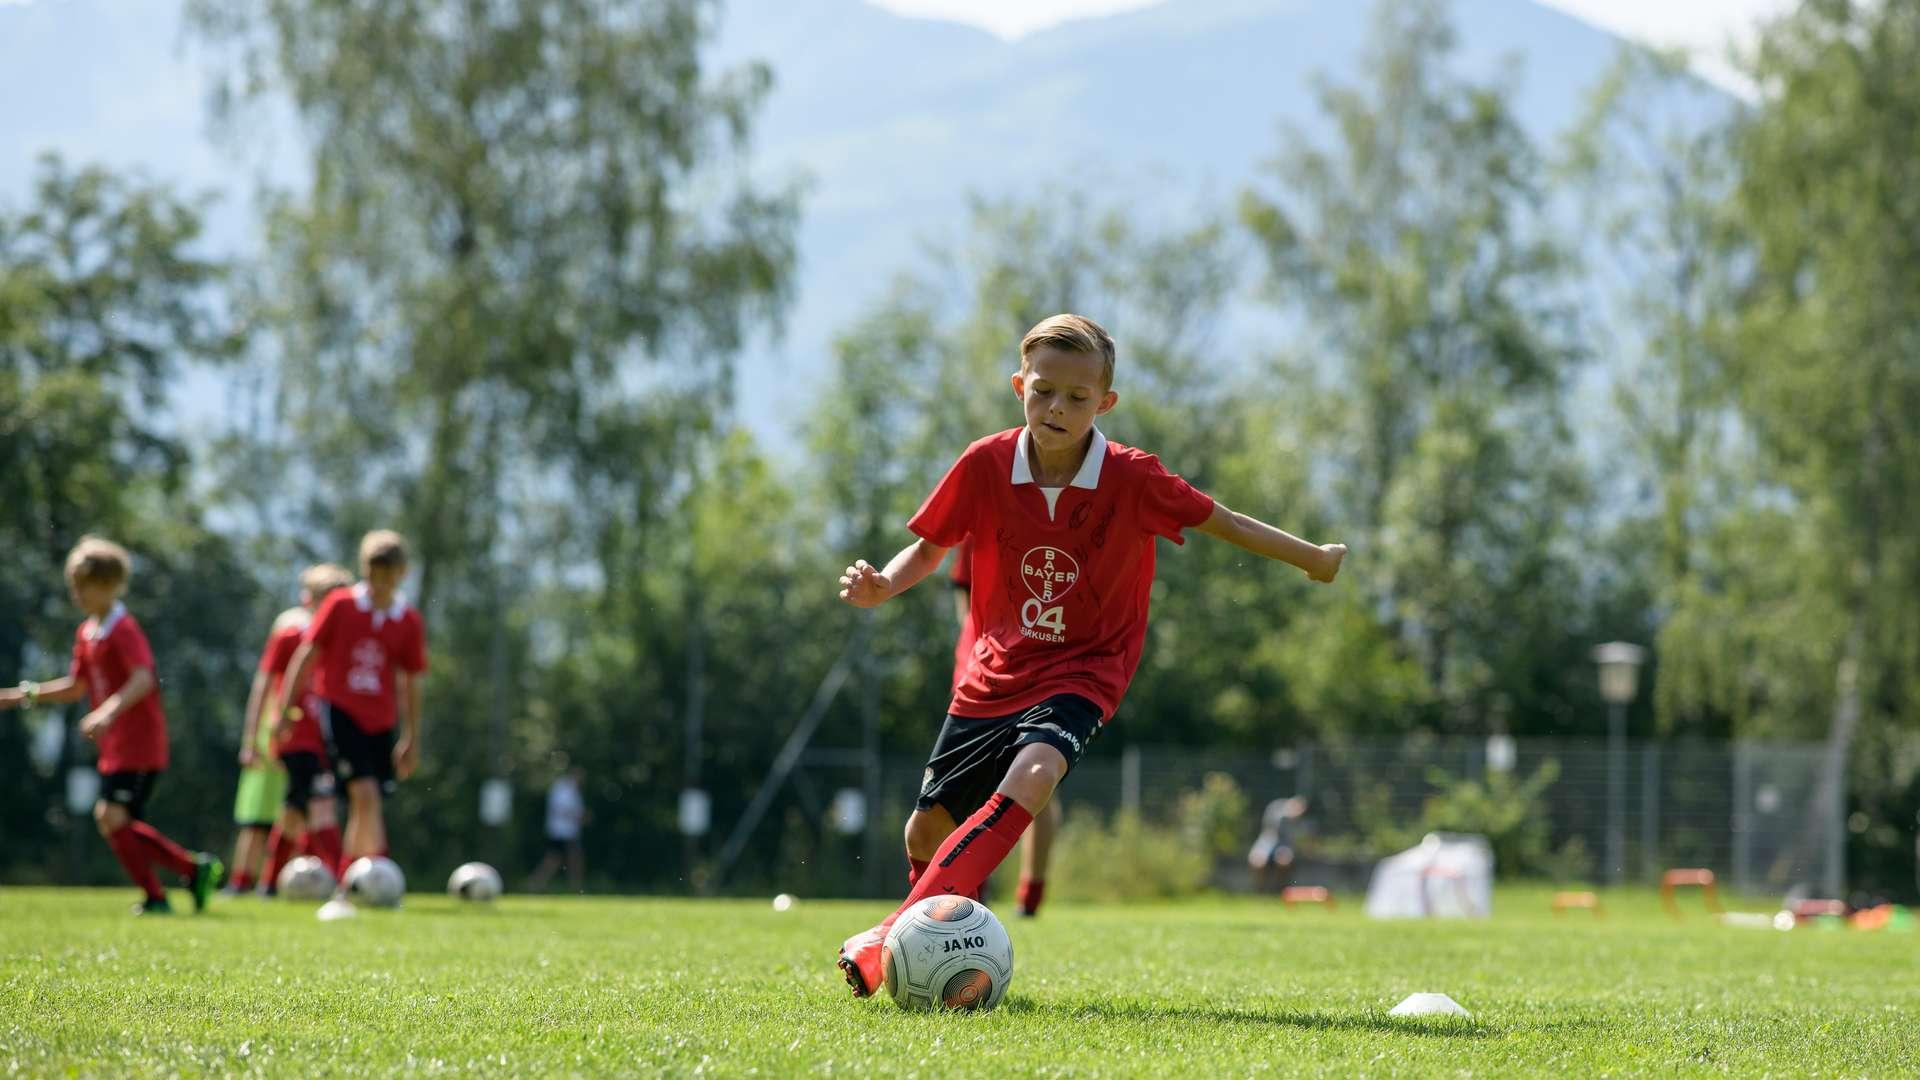 Ein Junge trägt das 40 Jahre Bundesliga Jubiläumstrikot und dribbelt mit Ball durch einen Hütchen-Parkour.